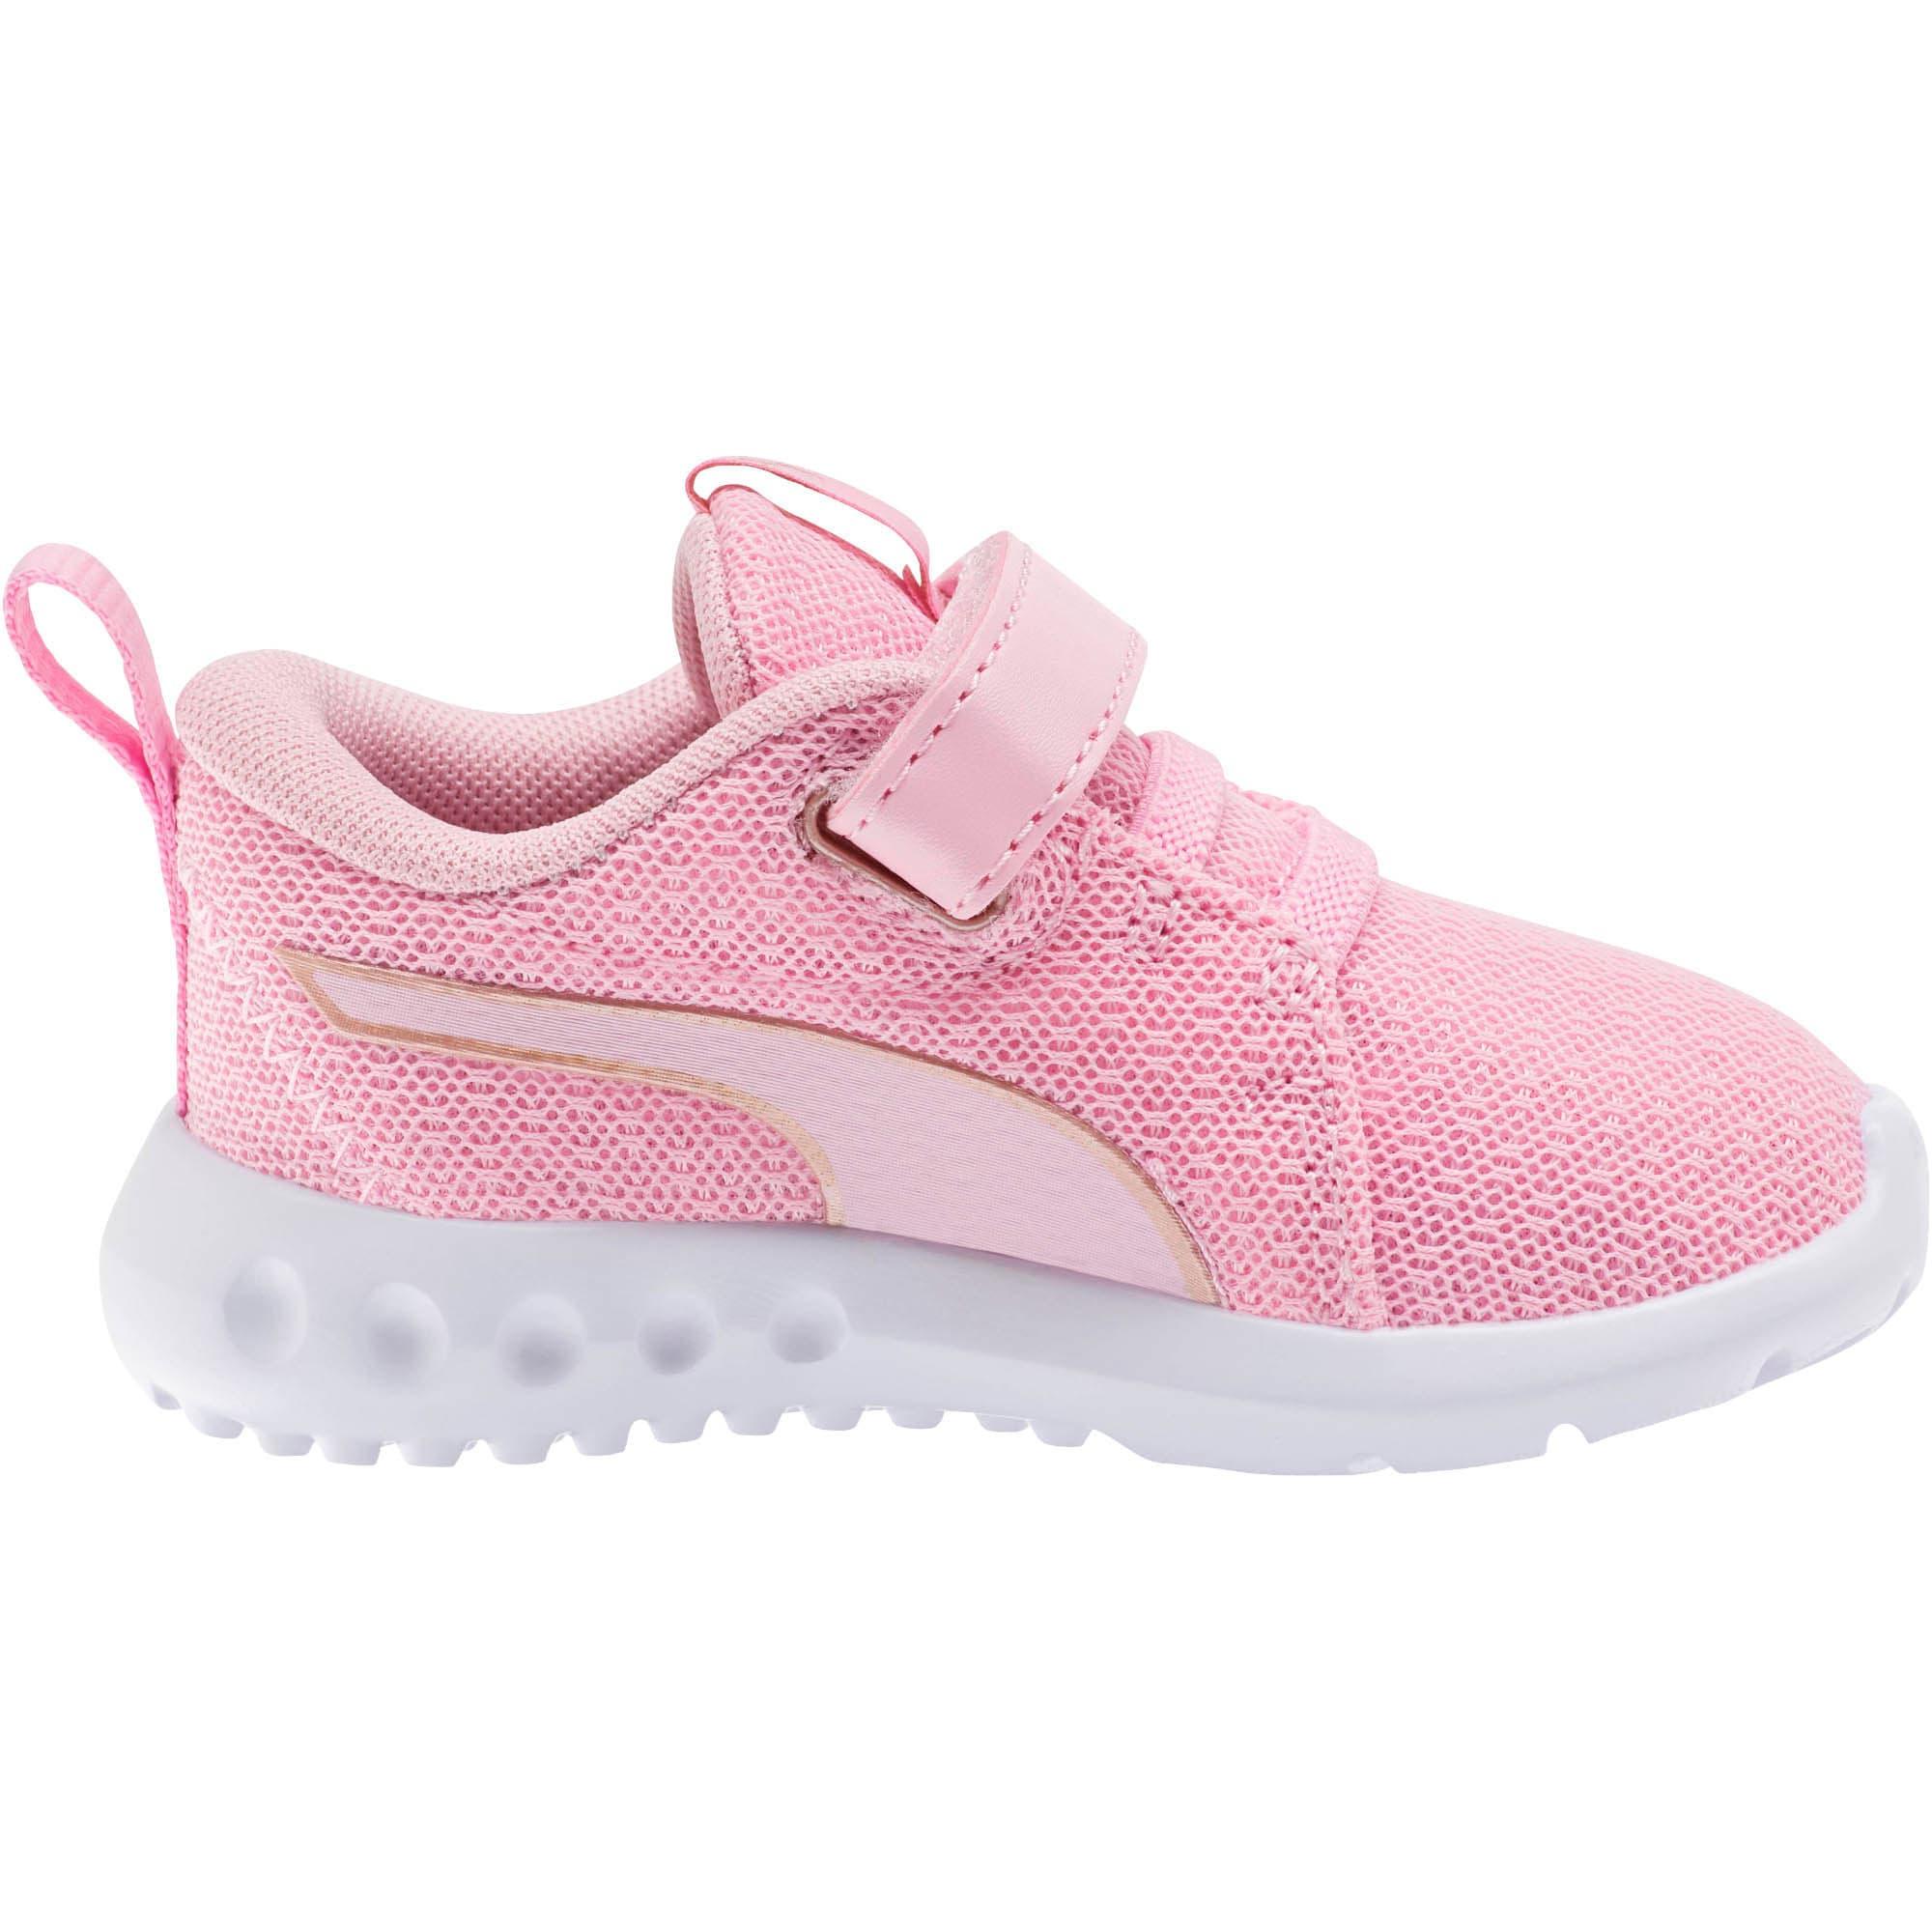 Thumbnail 4 of Carson 2 Metallic Mesh Toddler Shoes, Pale Pink-Rose Gold, medium